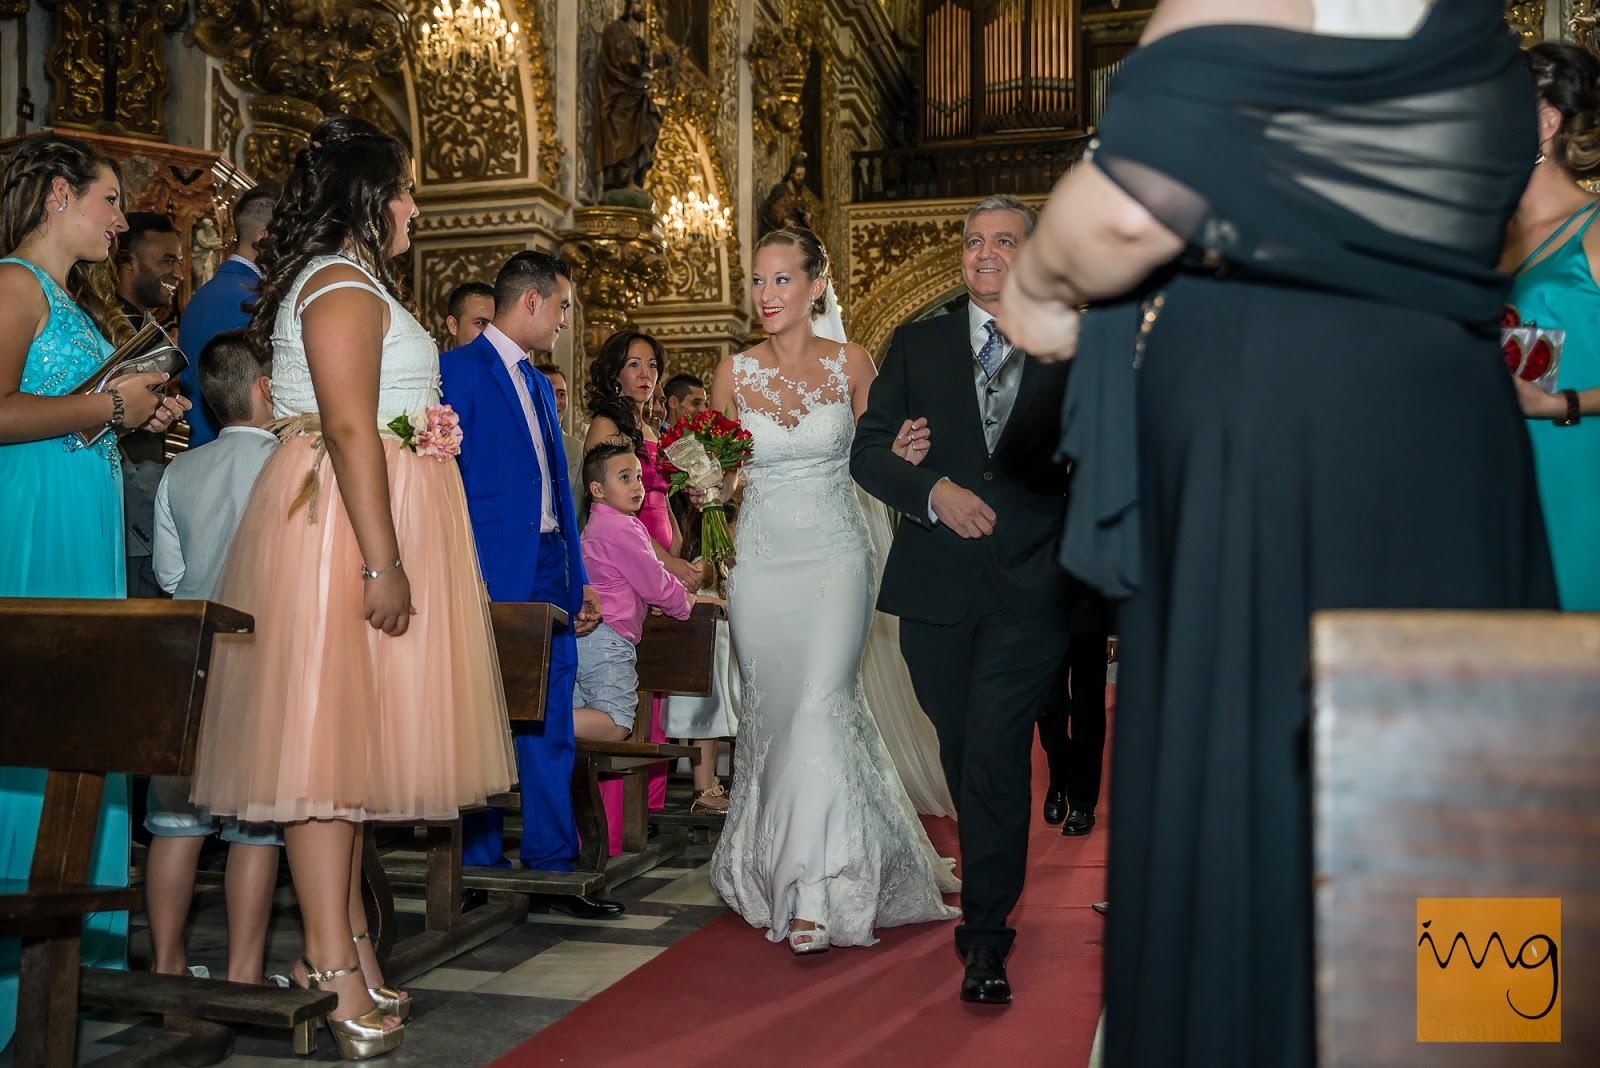 Fotografía espontánea de la entrada a la iglesia de la novia el día de su boda